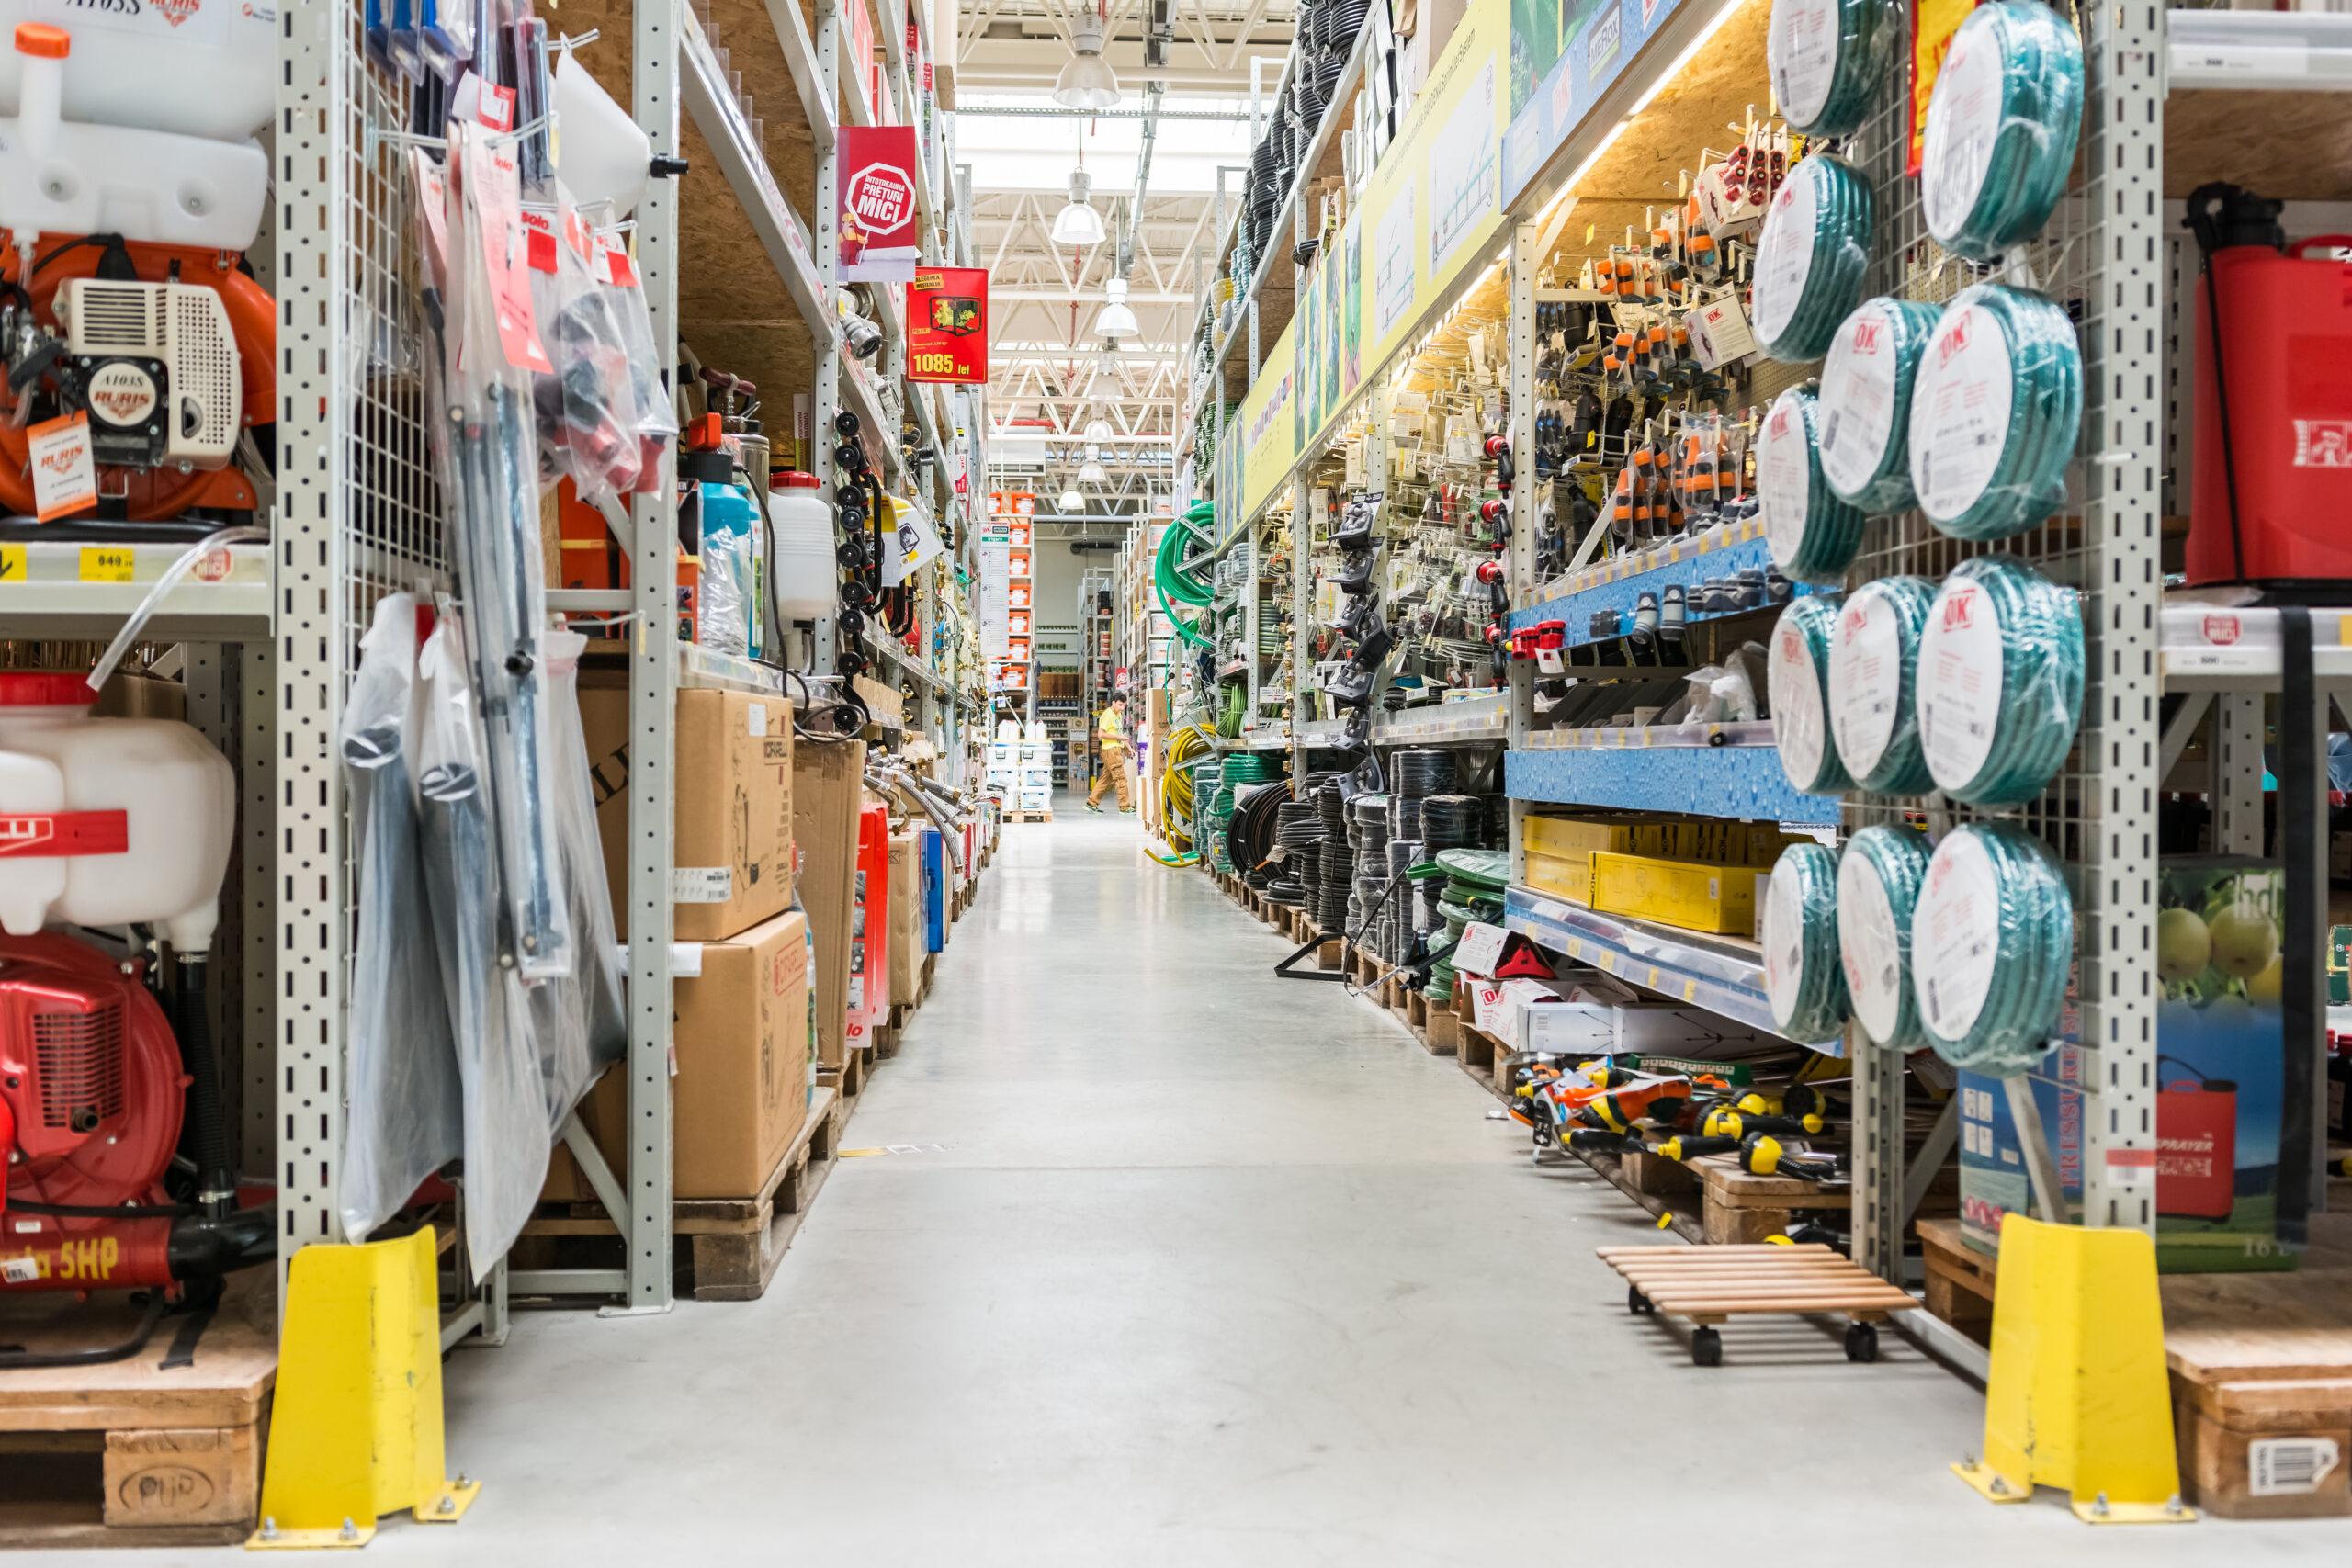 Heimwerker, DIYler, Hobby-Schreiner und Bastler: Deutschland ist gefüllt von Tüftlern. Am wichtigsten sind für sie die Baumärkte. Hier finden sie jegliches Material und Inspiration für ihre Projekte. Doch wo stehen Deutschlands Baumärkte wie Obi, Toom oder Hornbach in der Digitalisierung und in der Datenökonomie? Eine Bestandsaufnahme.